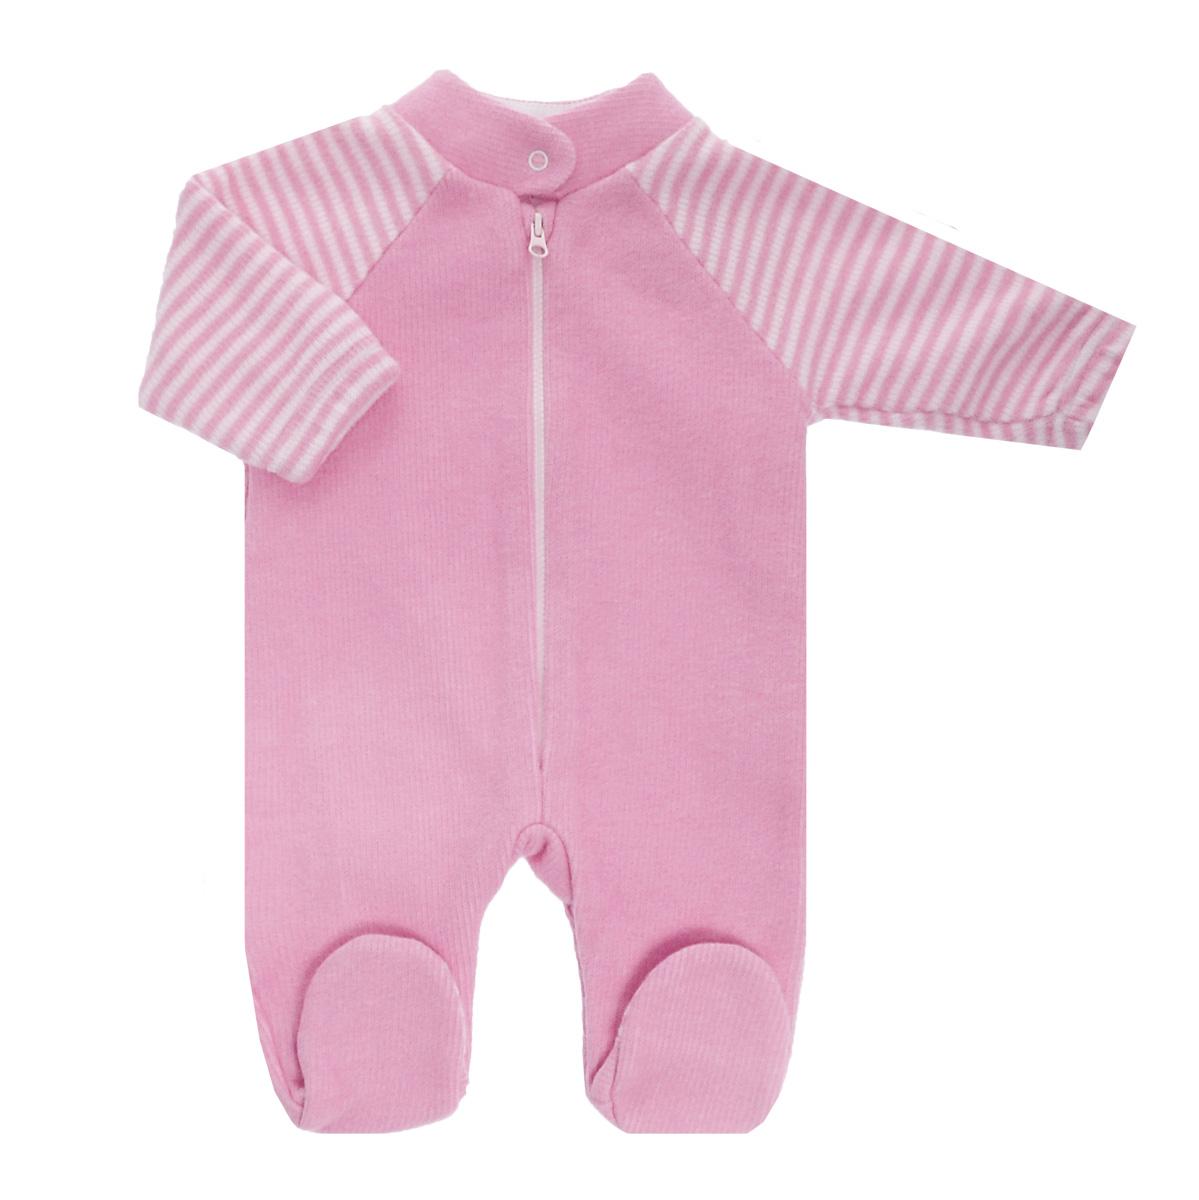 Фото Комбинезон детский Lucky Child, цвет: розовый, белая полоска. 4-14. Размер 80/86